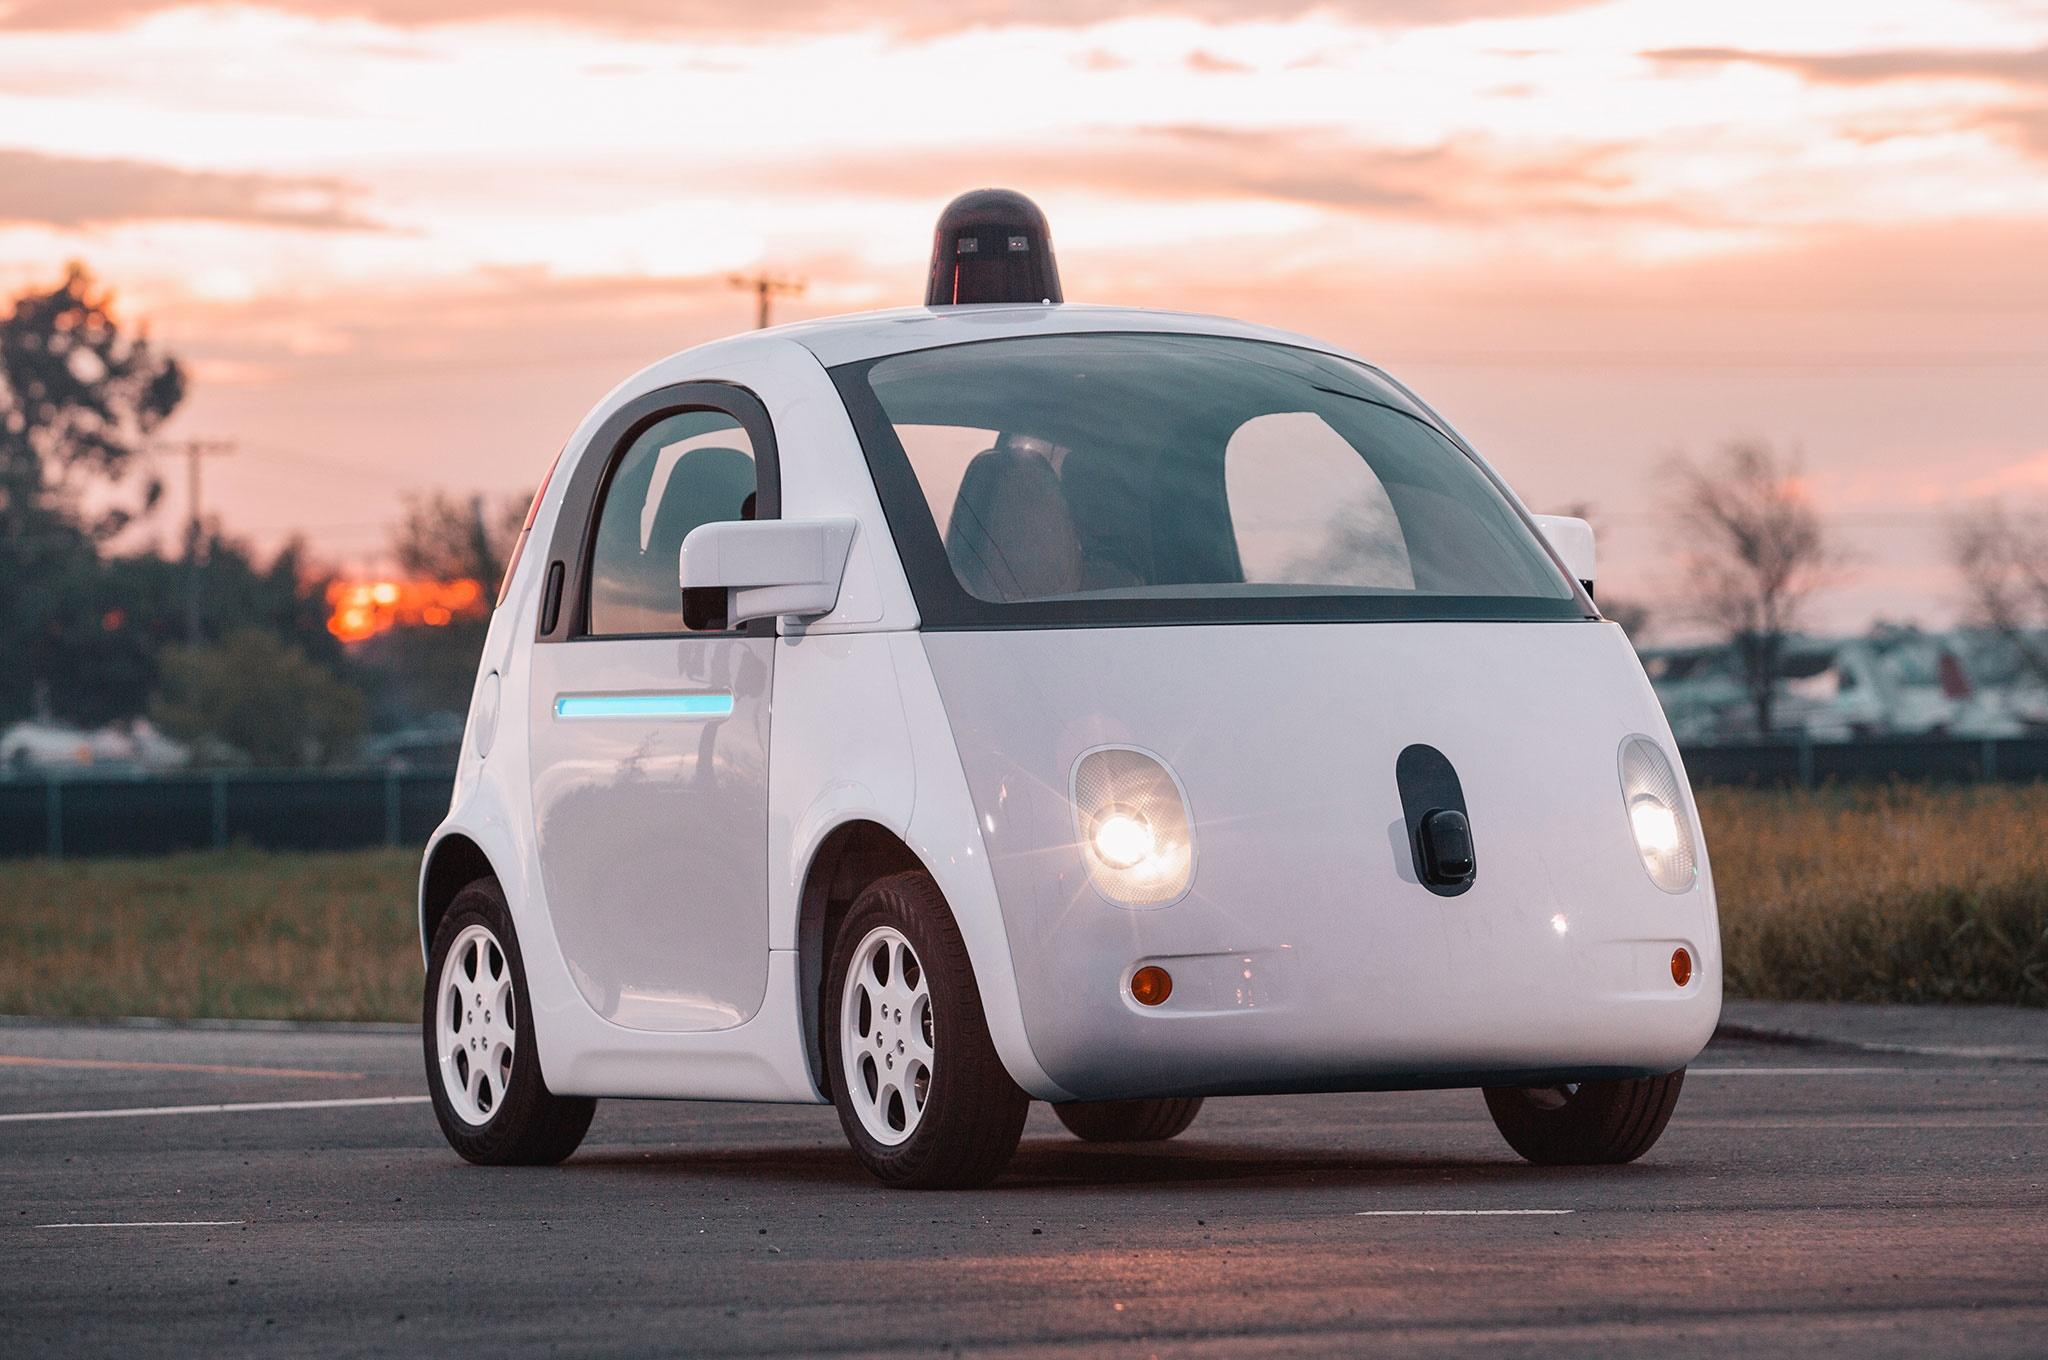 نگاهی به خودروی بدون راننده گوگل